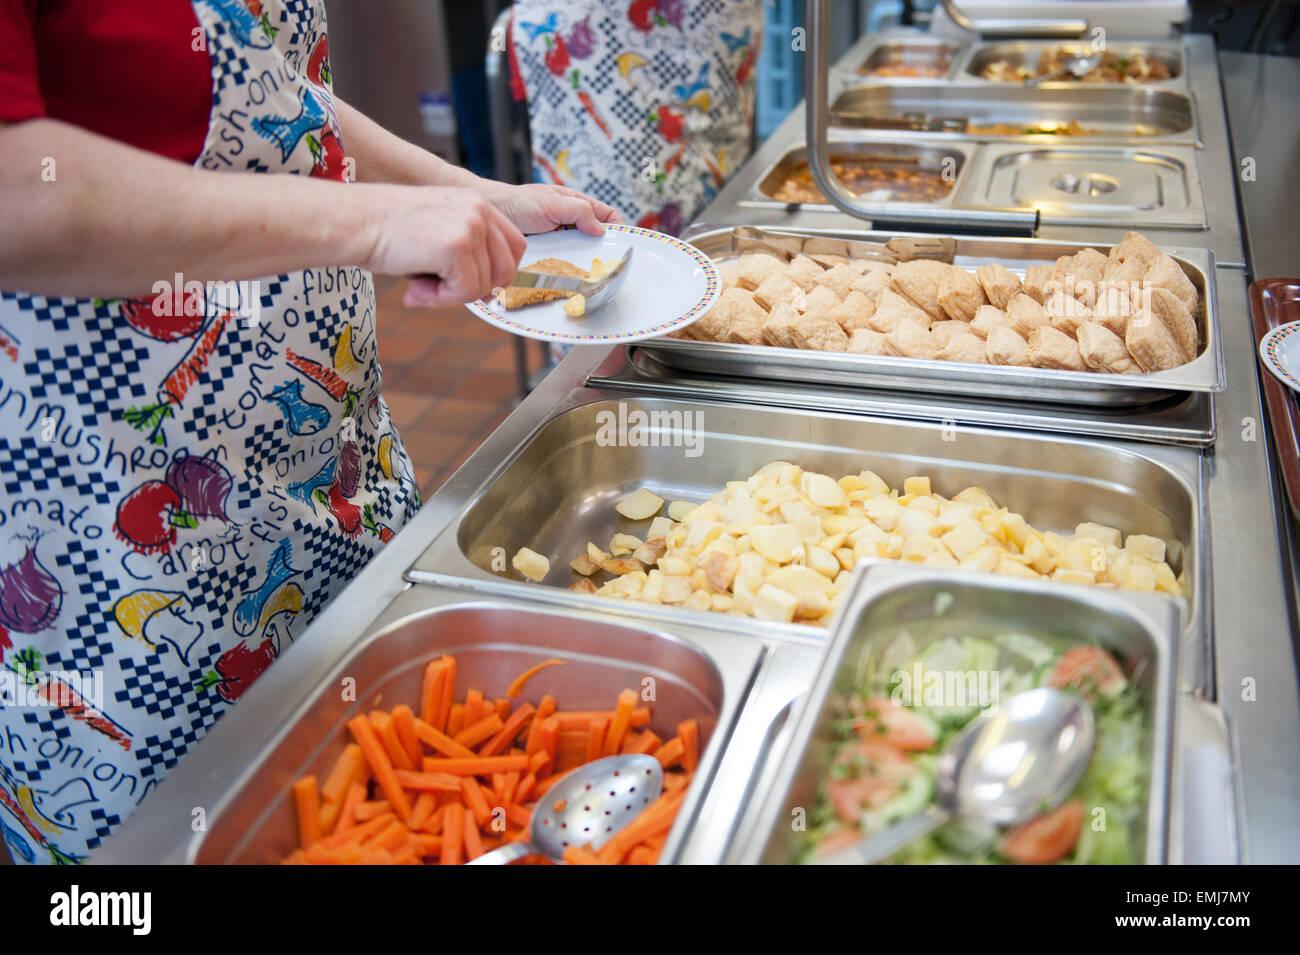 La cena onorevoli a un Regno Unito la scuola primaria serve cene a caldo a pranzo Foto Stock